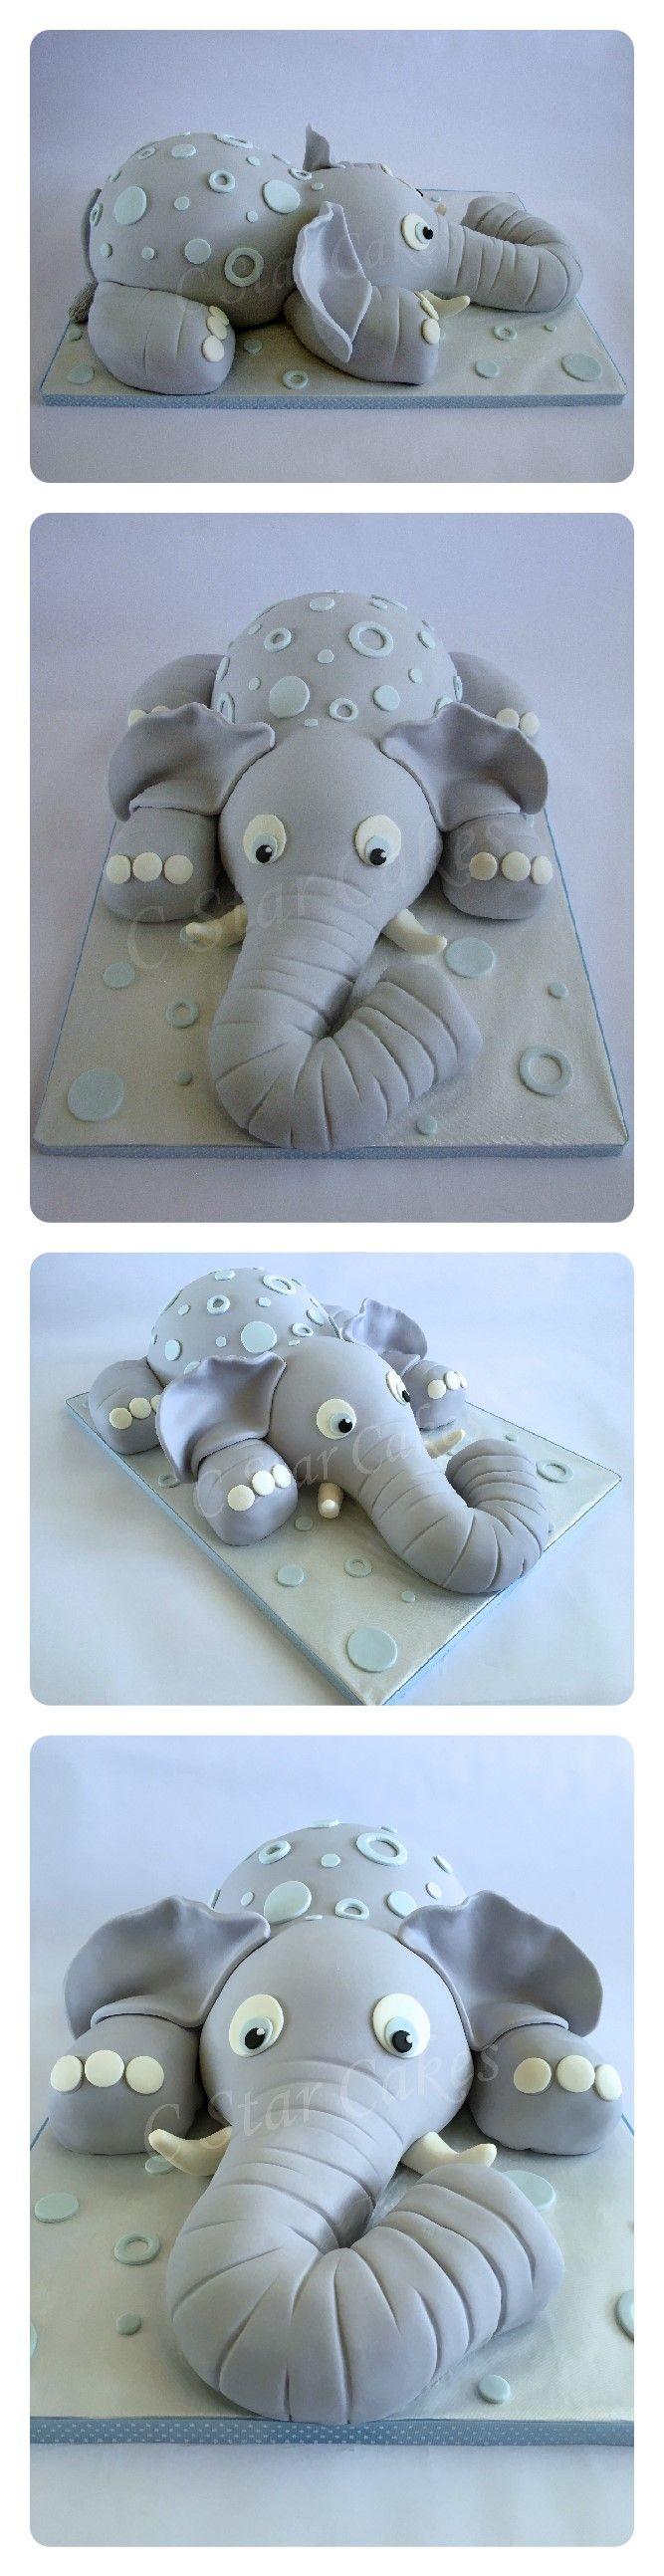 Baby Elephant cake by C Star Cakes #cstarcakes #babyshowercakes